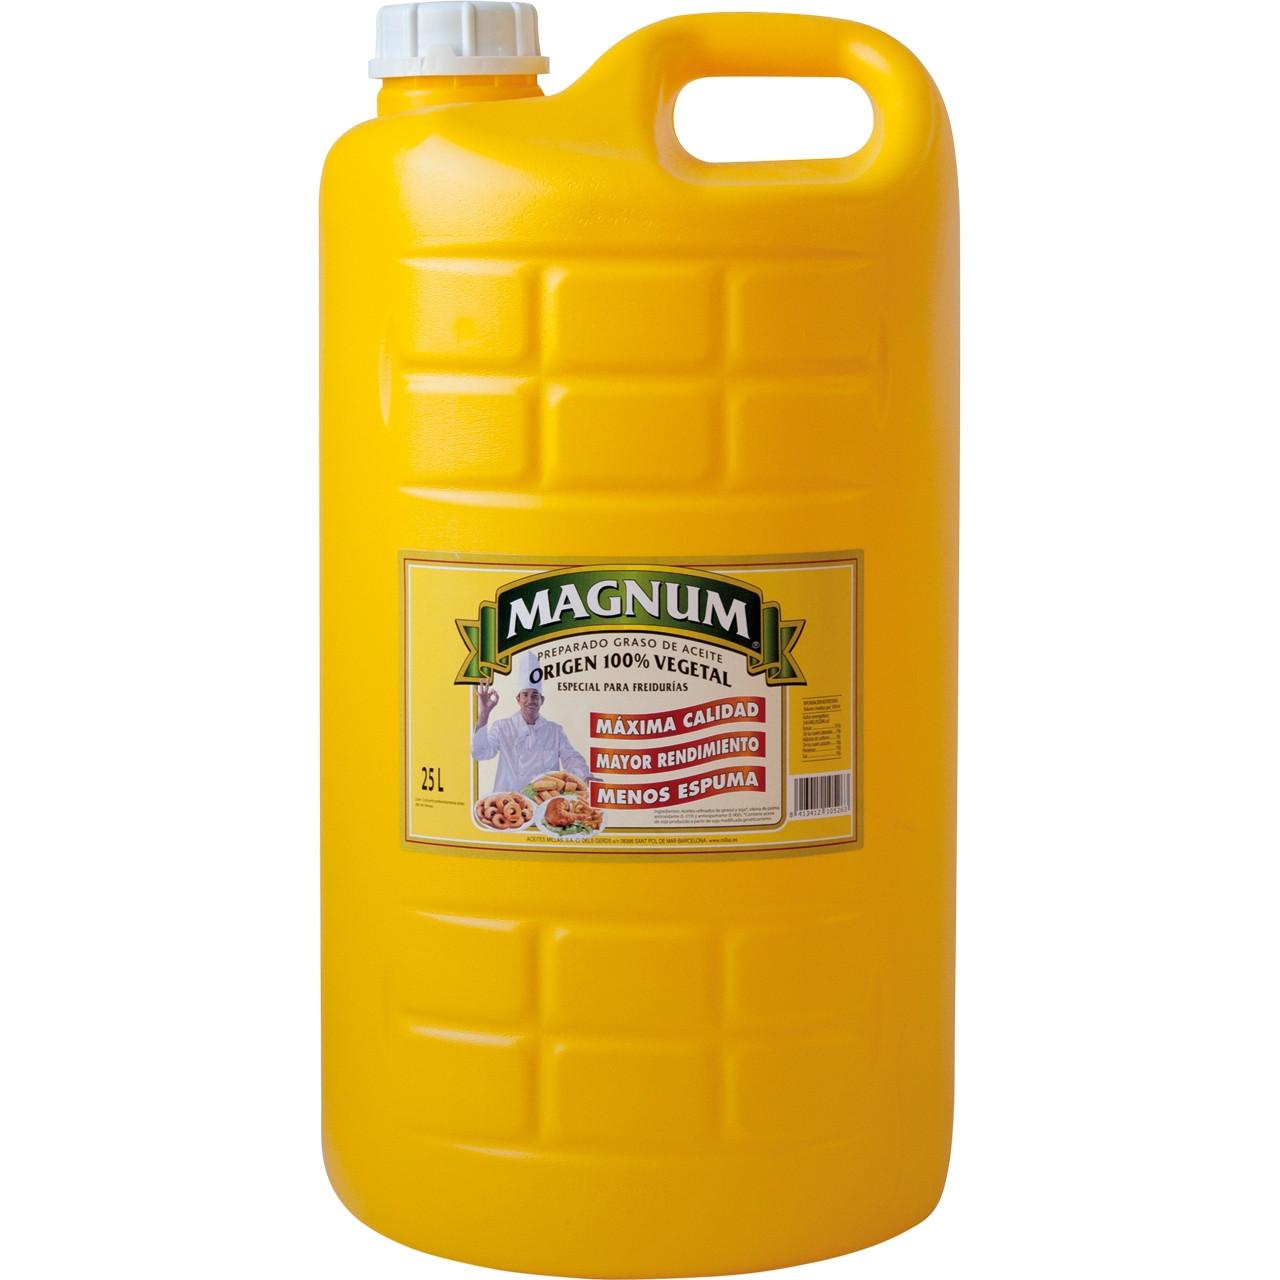 Magnum oli especial fregits